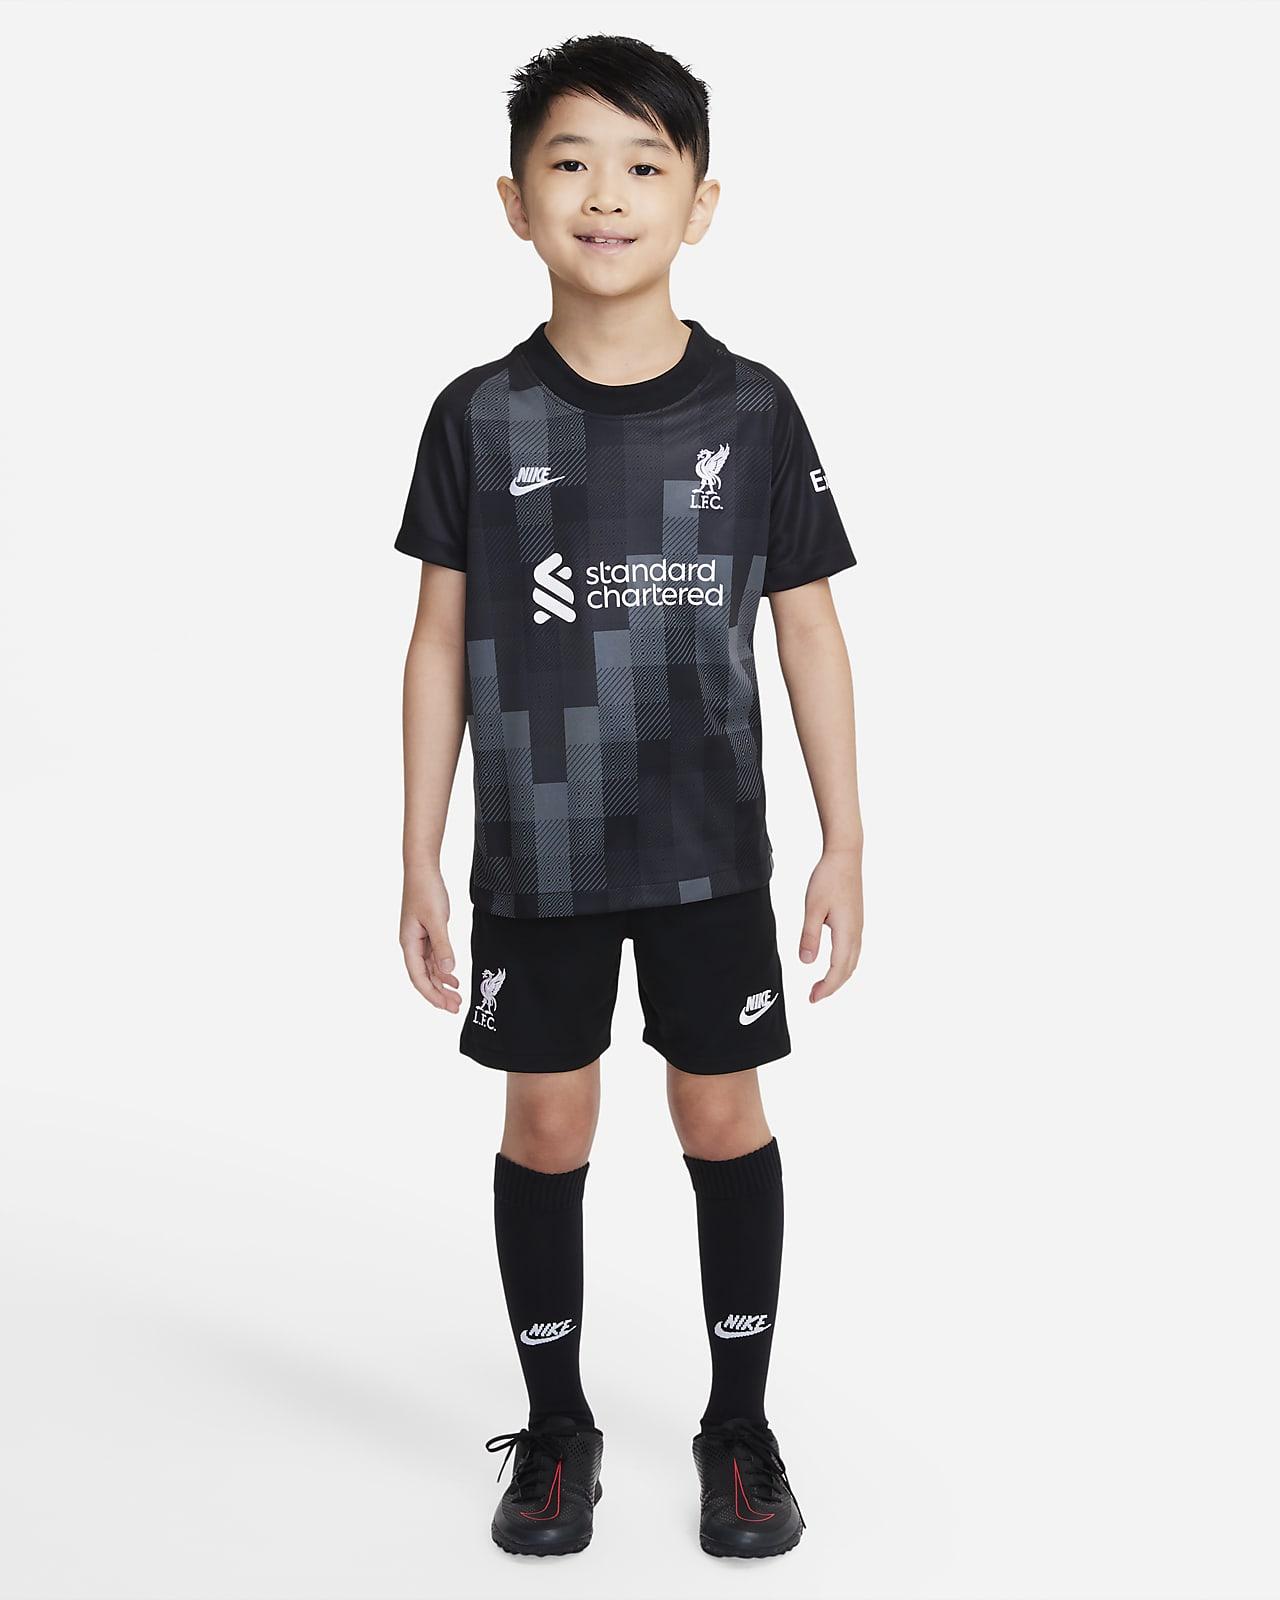 Tenue de football Liverpool FC2021/22 Gardien de but pour Jeune enfant